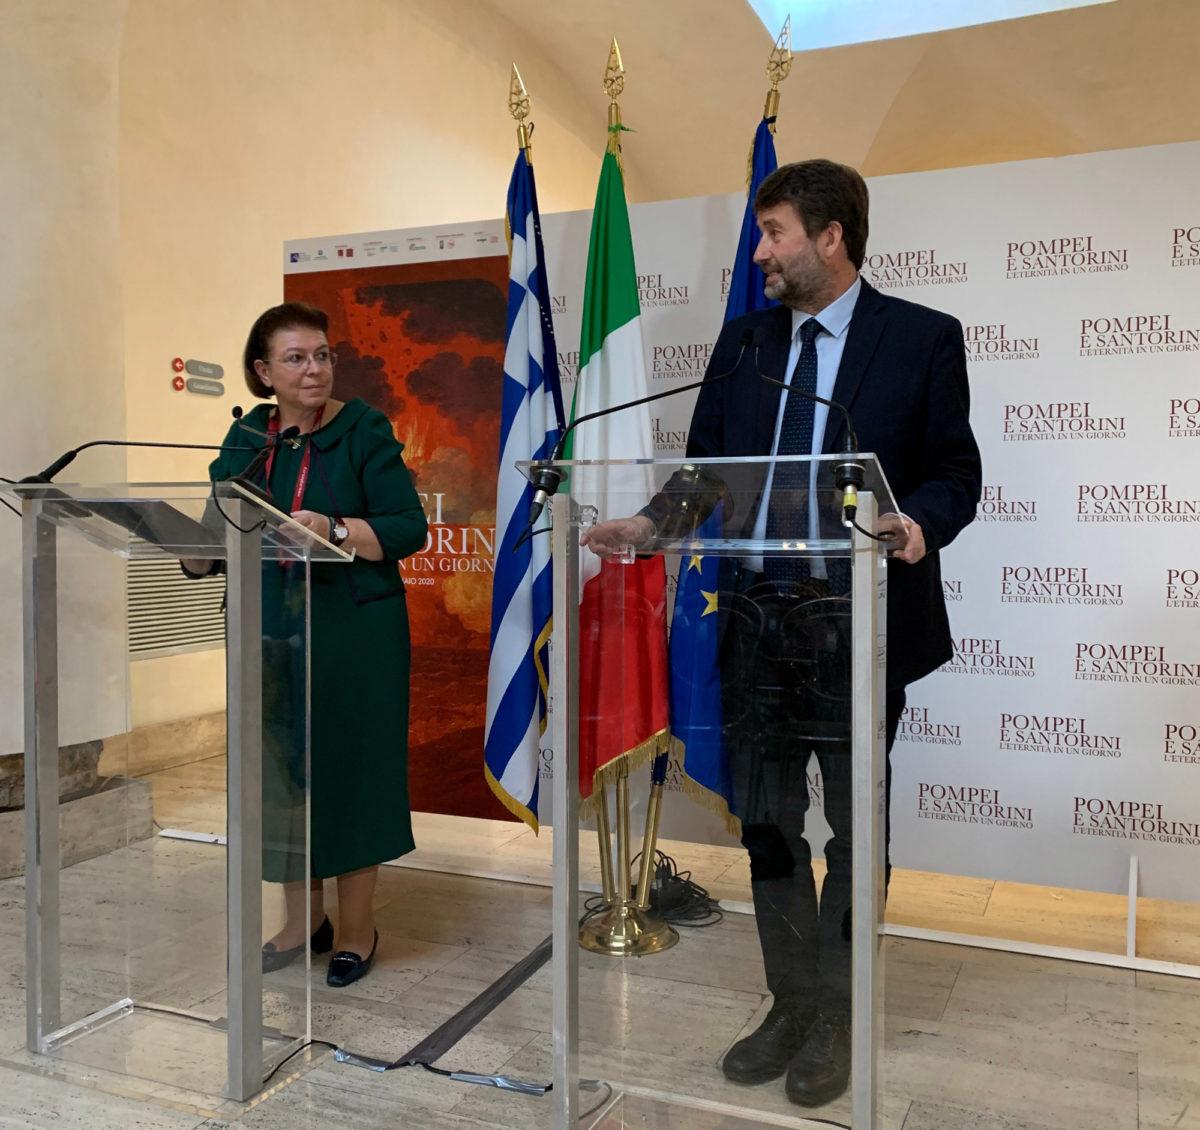 Η Λίνα Μενδώνη με τον Ιταλό ομόλογό της, Ντάριο Φραντζεσκίνι, στα εγκαίνια της έκθεσης (φωτ.: ΥΠΠΟΑ).